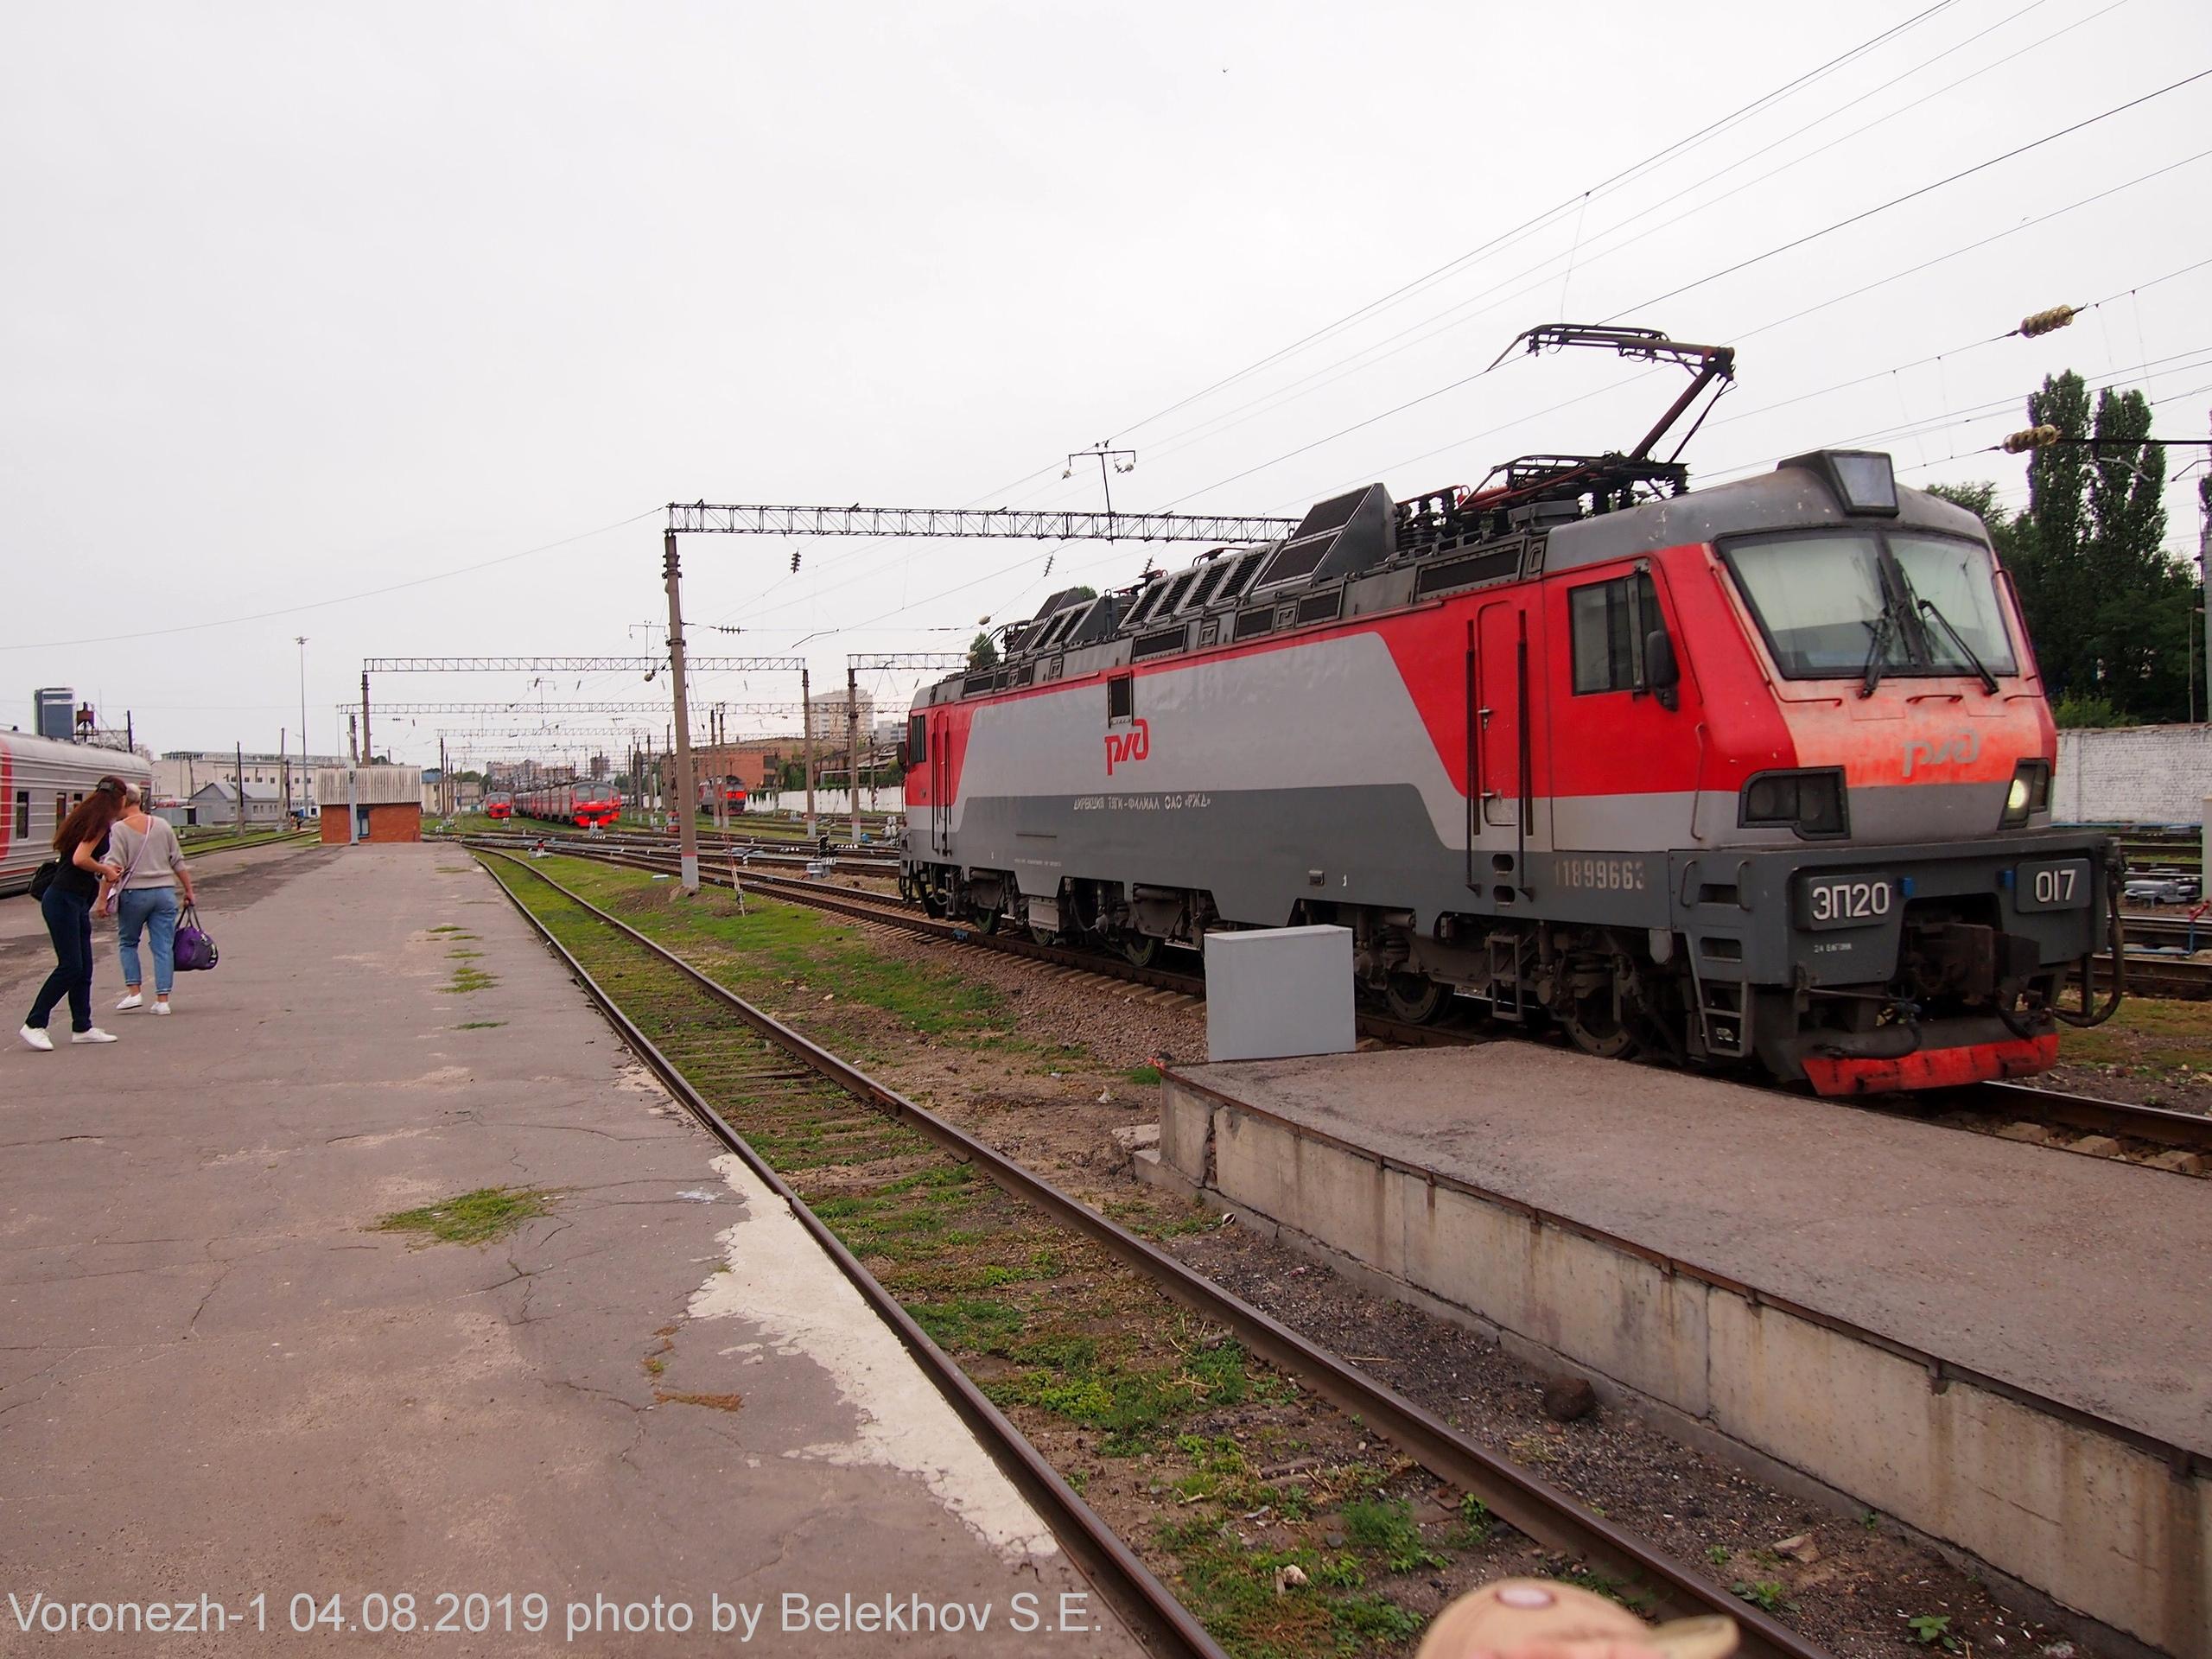 Воронеж, железная дорога, вокзал, поезда